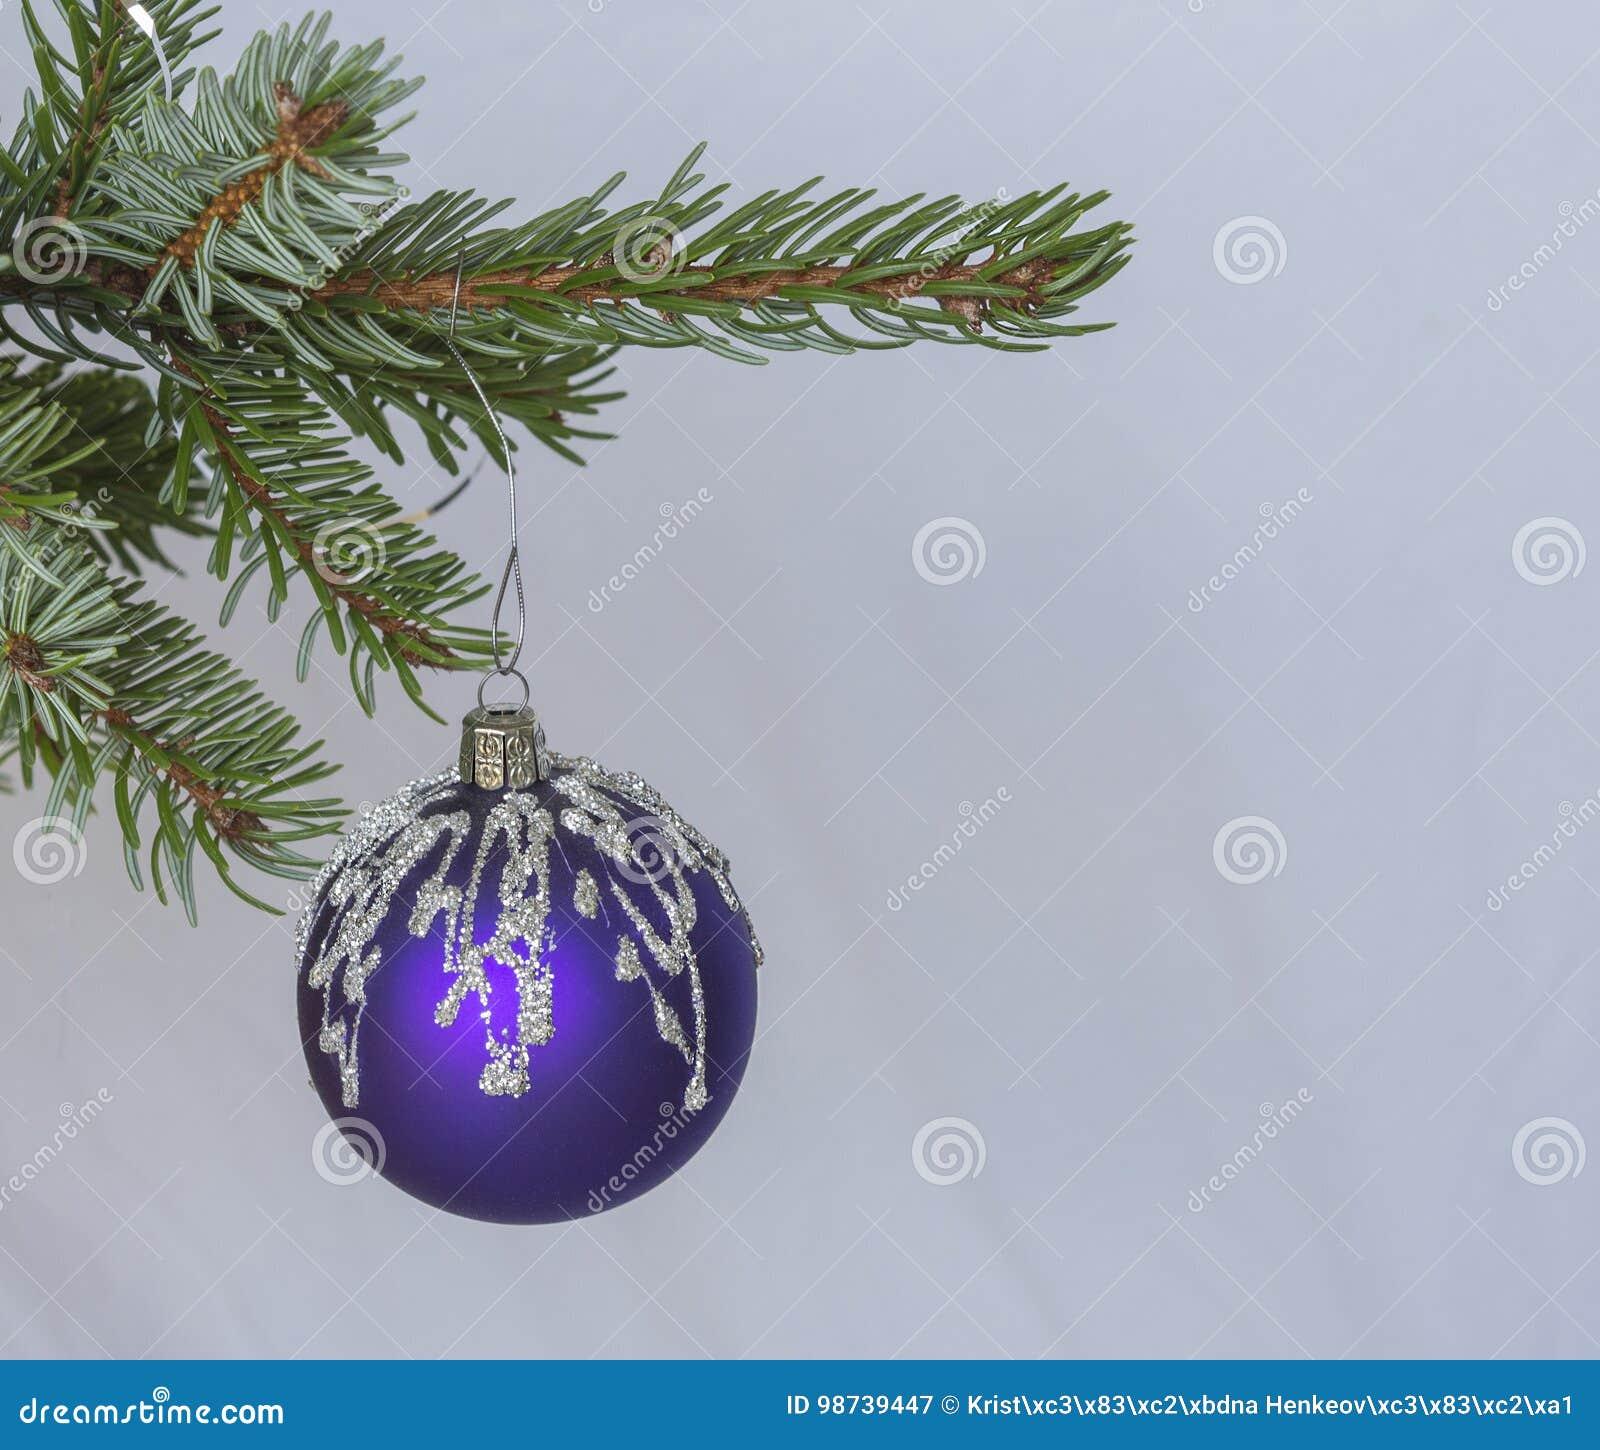 Branche D Arbre Sapin De Noel boule de velours de décoration de noël sur la branche d